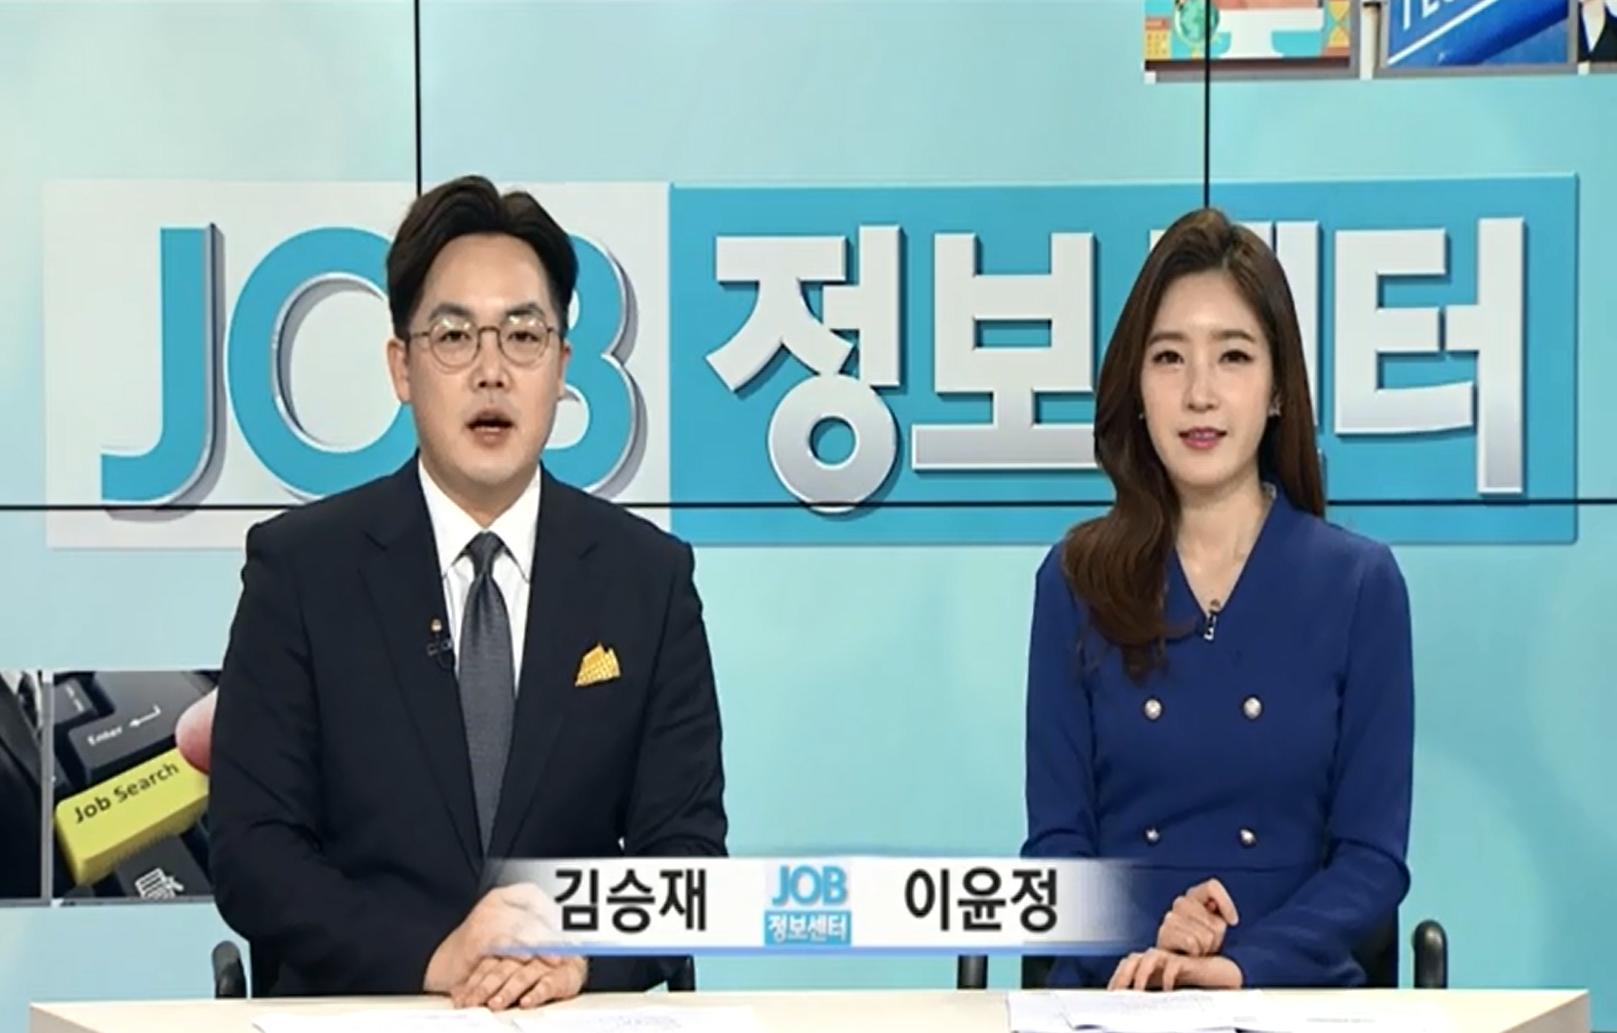 한국직업방송중 프로그램 JOB정보센터